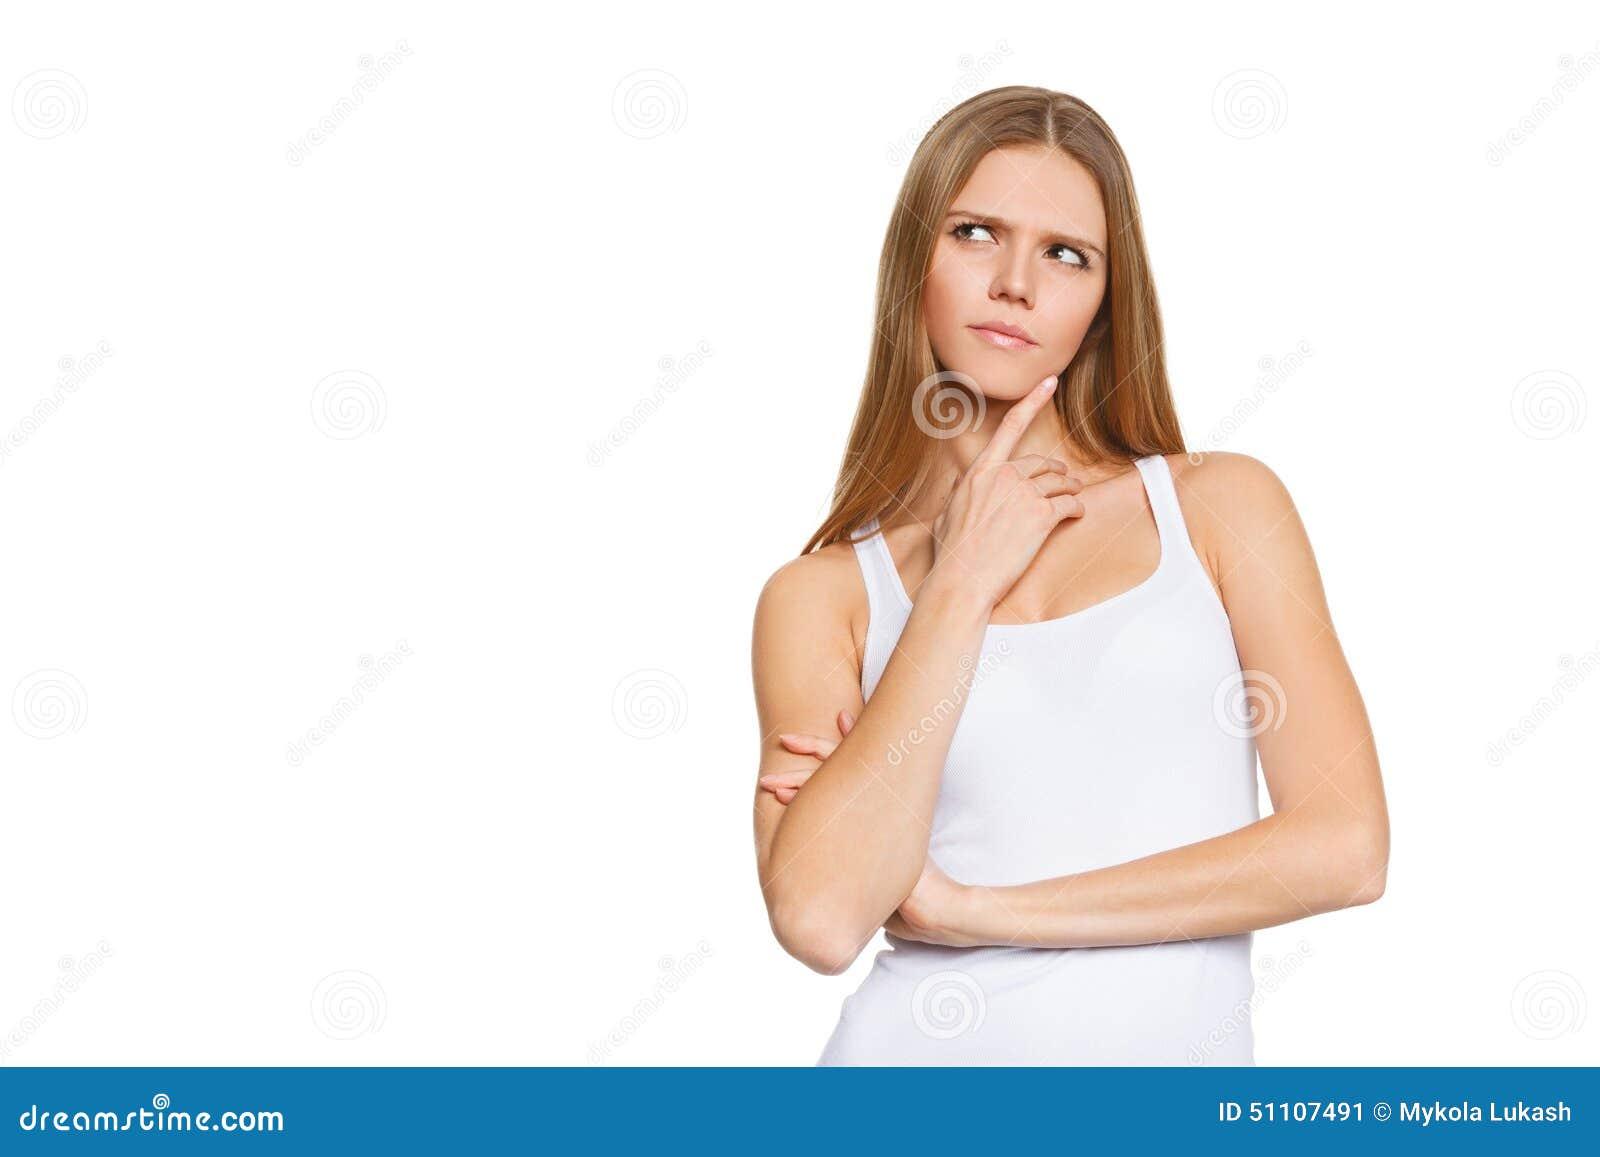 Портрет привлекательного девочка-подростка думает смотреть вверх, рубашка носки белая, изолированная над белизной, молодая милая